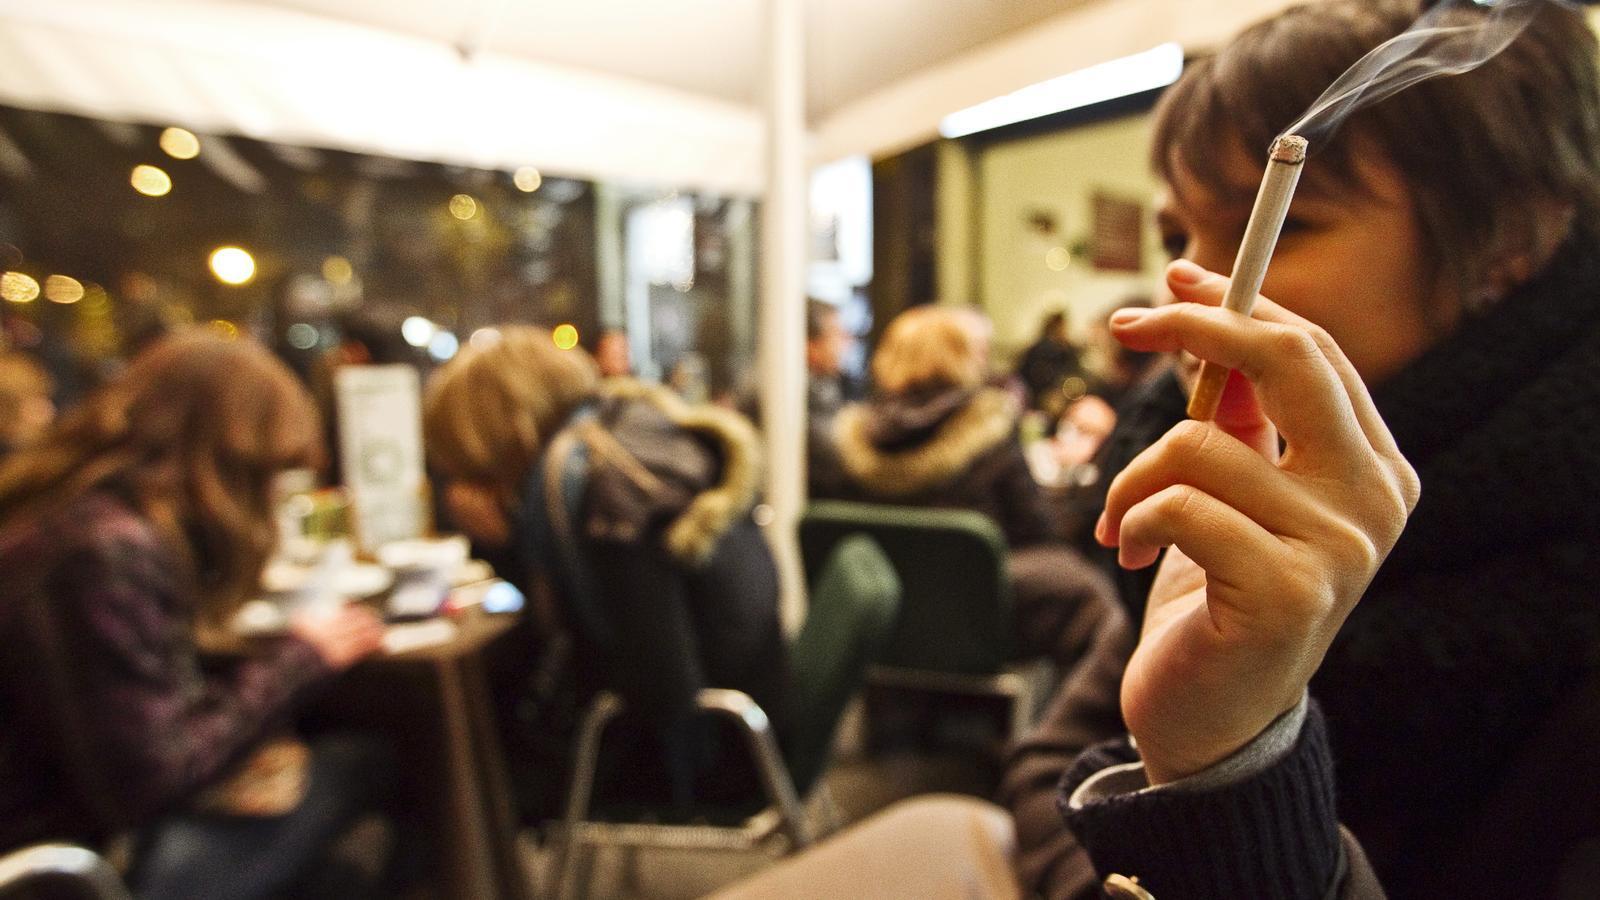 CONDEMNATS A LA TERRASSA  La prohibició de fumar als locals públics ha fet augmentar un 60% el nombre de terrasses als bars de Barcelona.